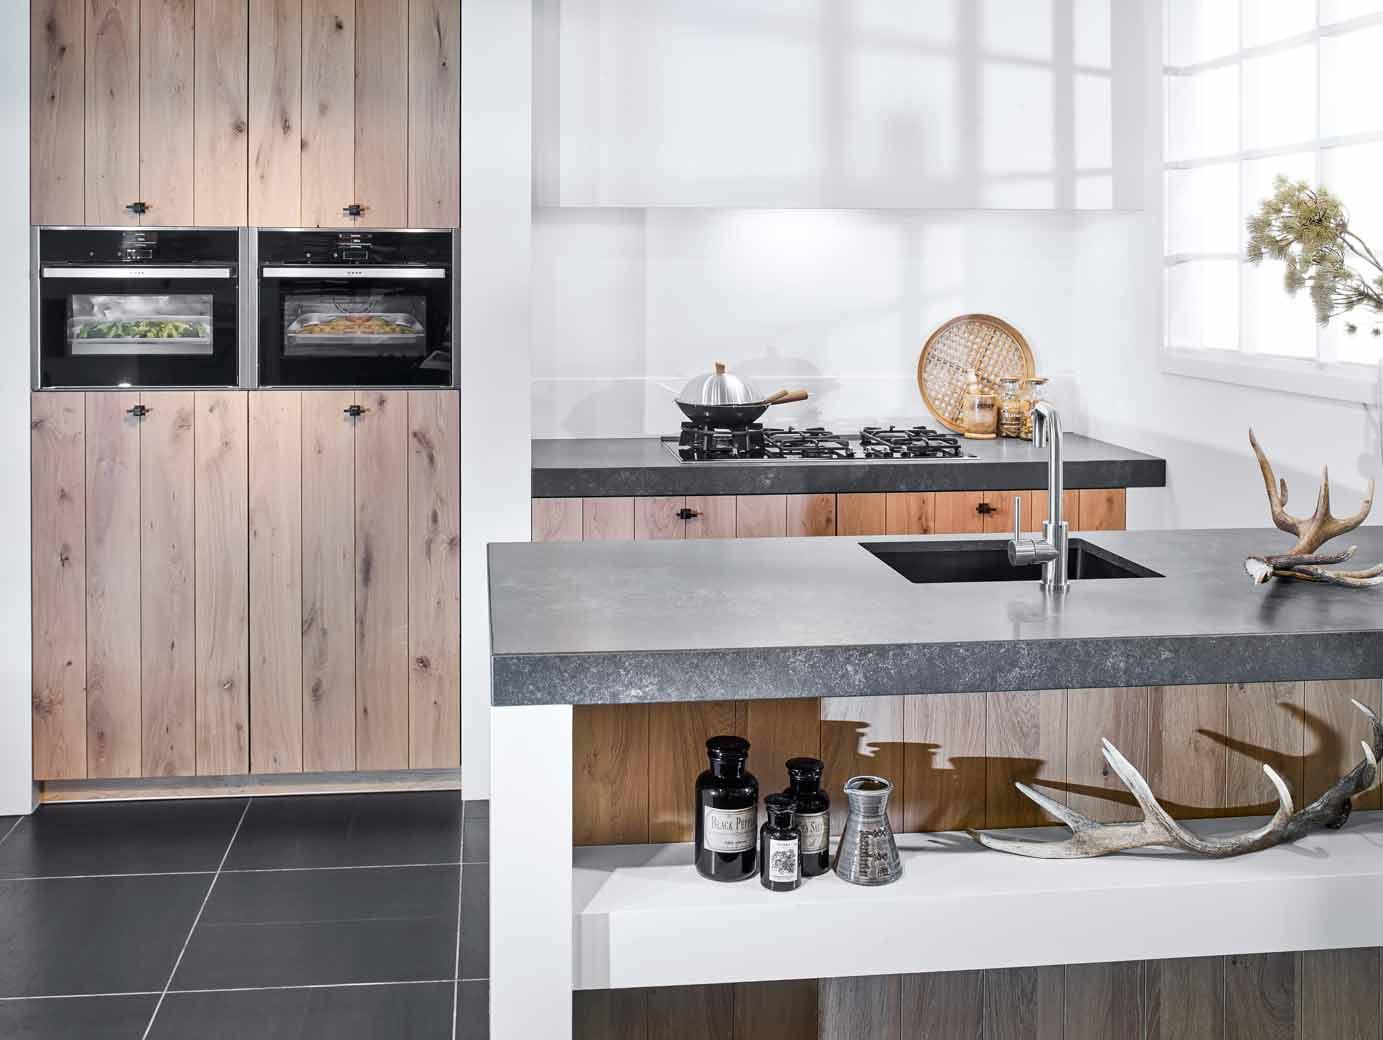 Modern Landelijke Keuken : Modern landelijk keukeneiland in houtkleur bekijk foto s en